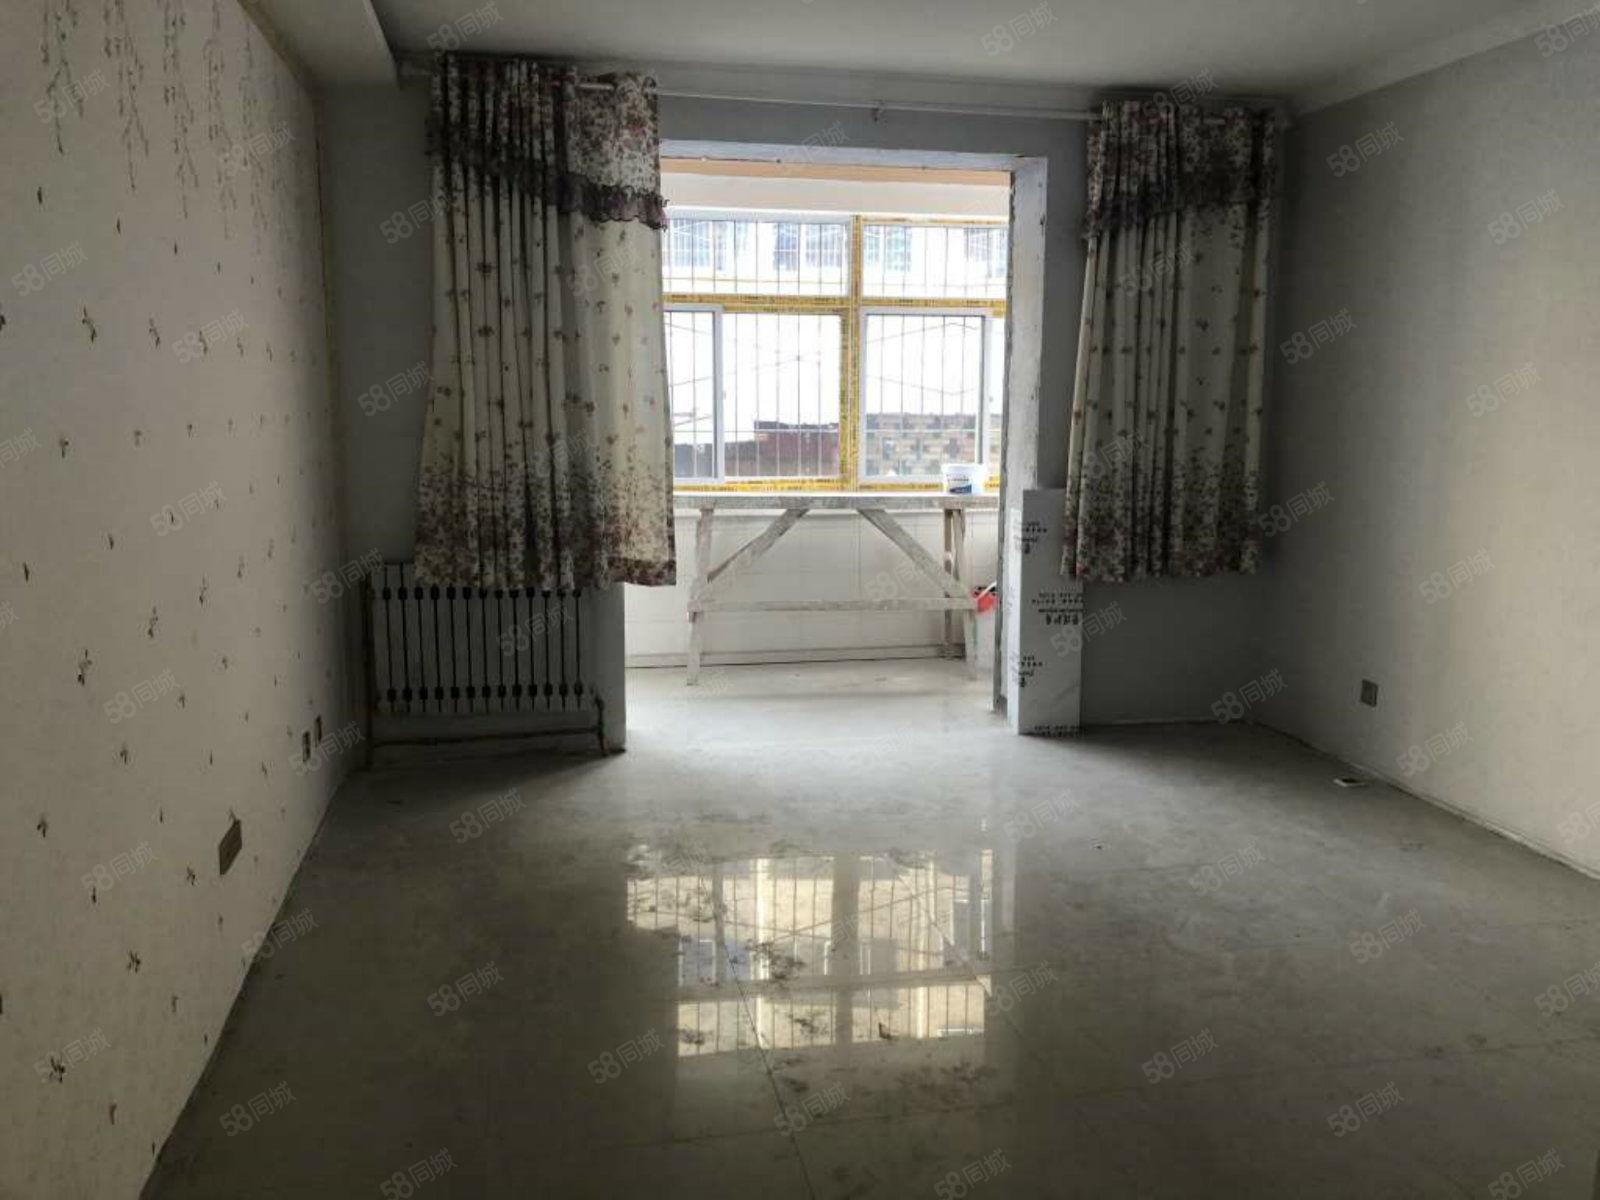 珠泉路(瑞祥小区)精装大两室带车位地下室低楼层养老无忧!